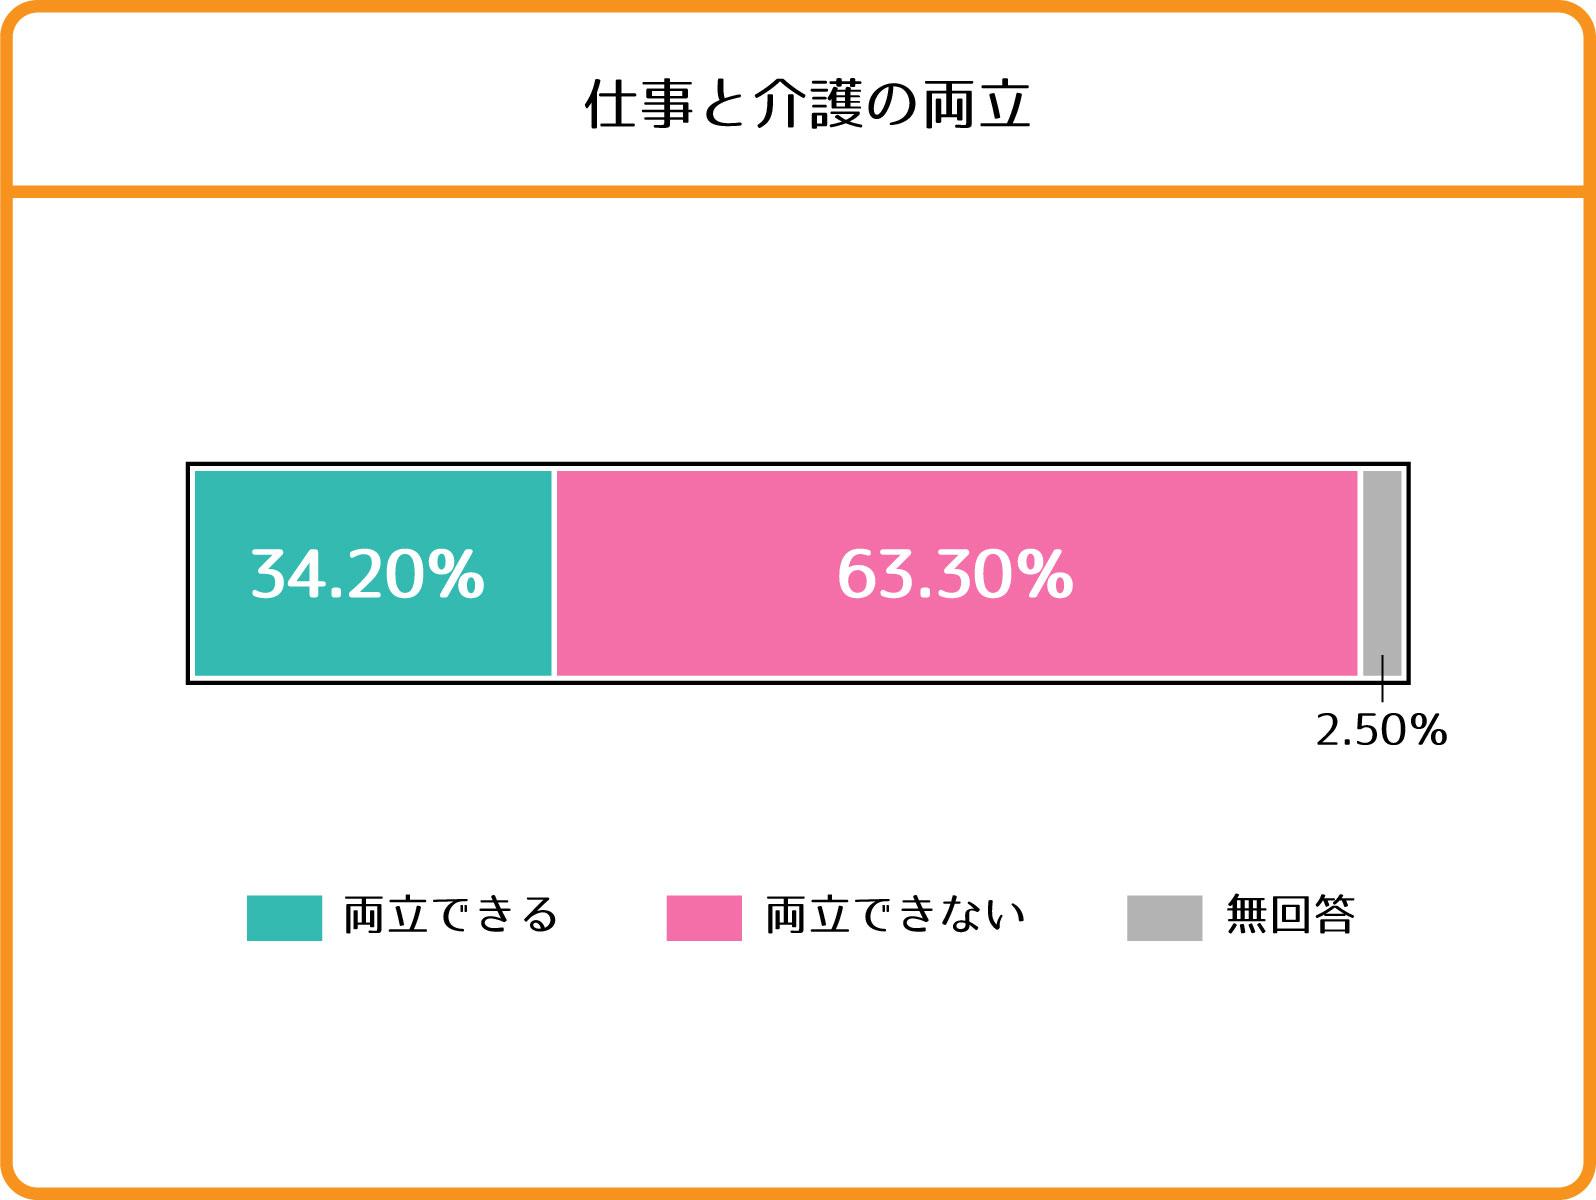 %e3%82%b0%e3%83%a9%e3%83%95-%e4%bf%ae%e6%ad%a3-02